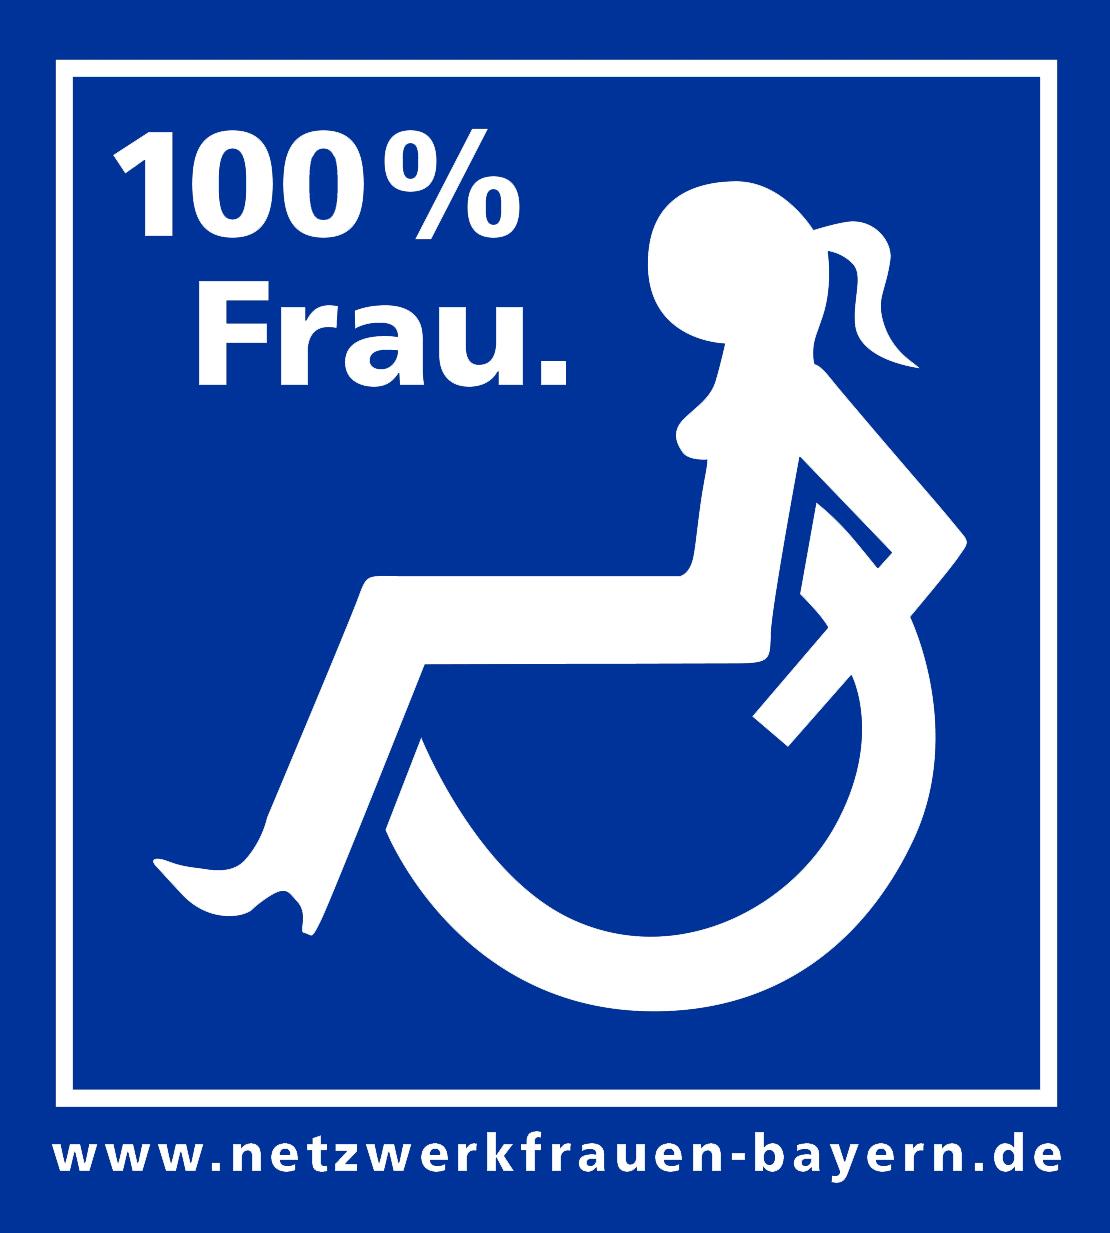 Piktogramm einer Frau im Rollstuhl, weiß auf blauem Hintergrund, Überschrift: 100% Frau